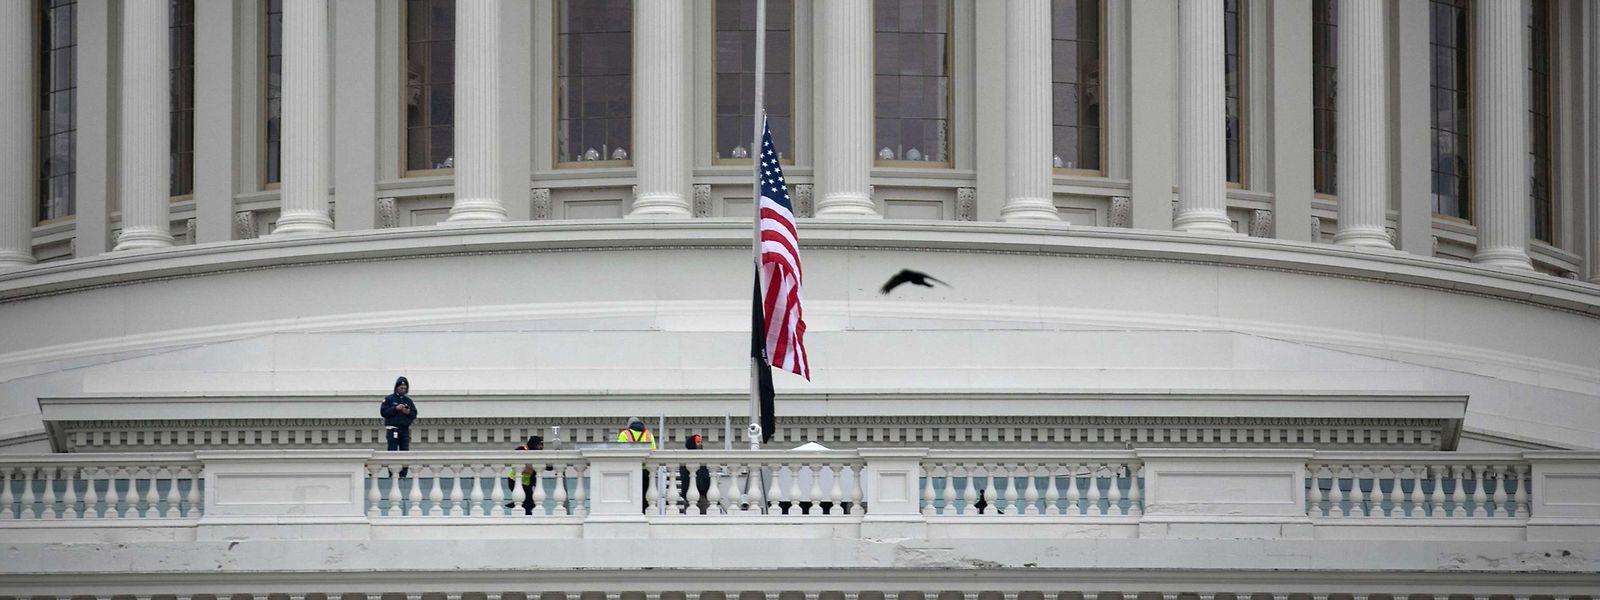 Nach dem Sturm auf das Kapitol in Washington stehen die Flaggen vor dem Gebäude auf Halbmast.